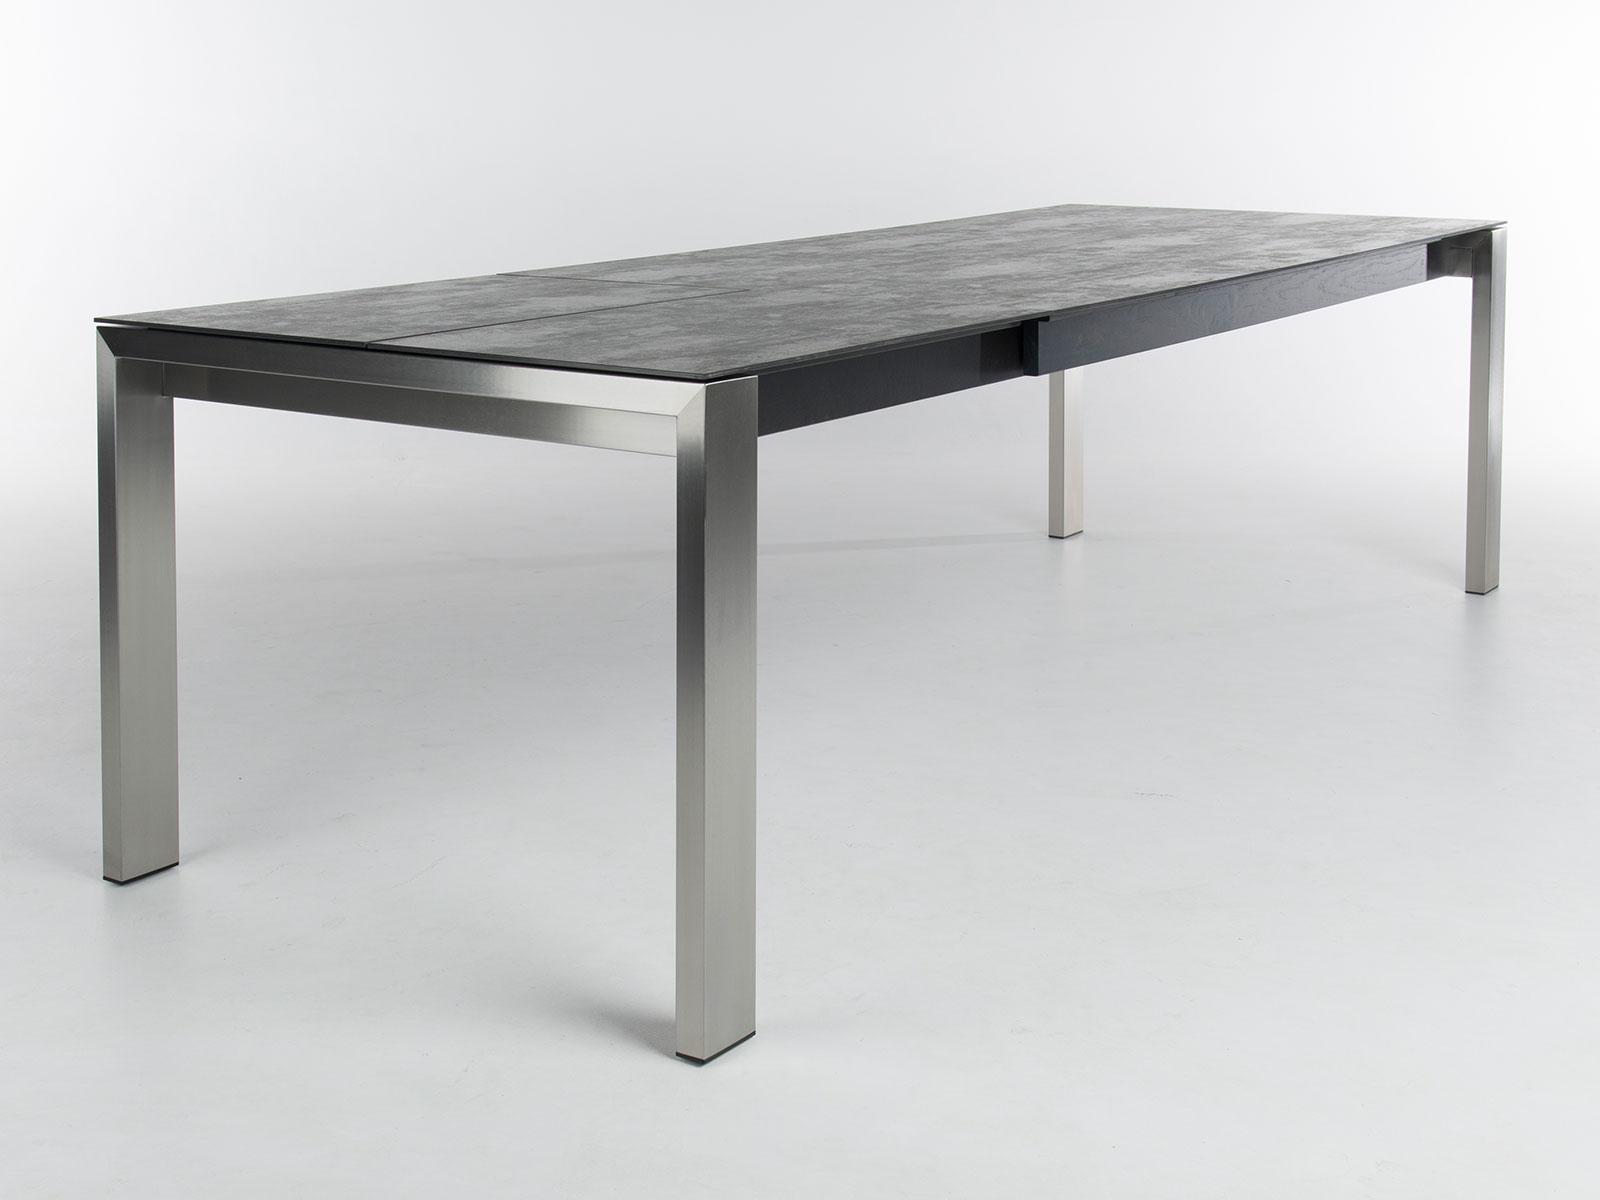 Uitschuifbare tafel keramiek